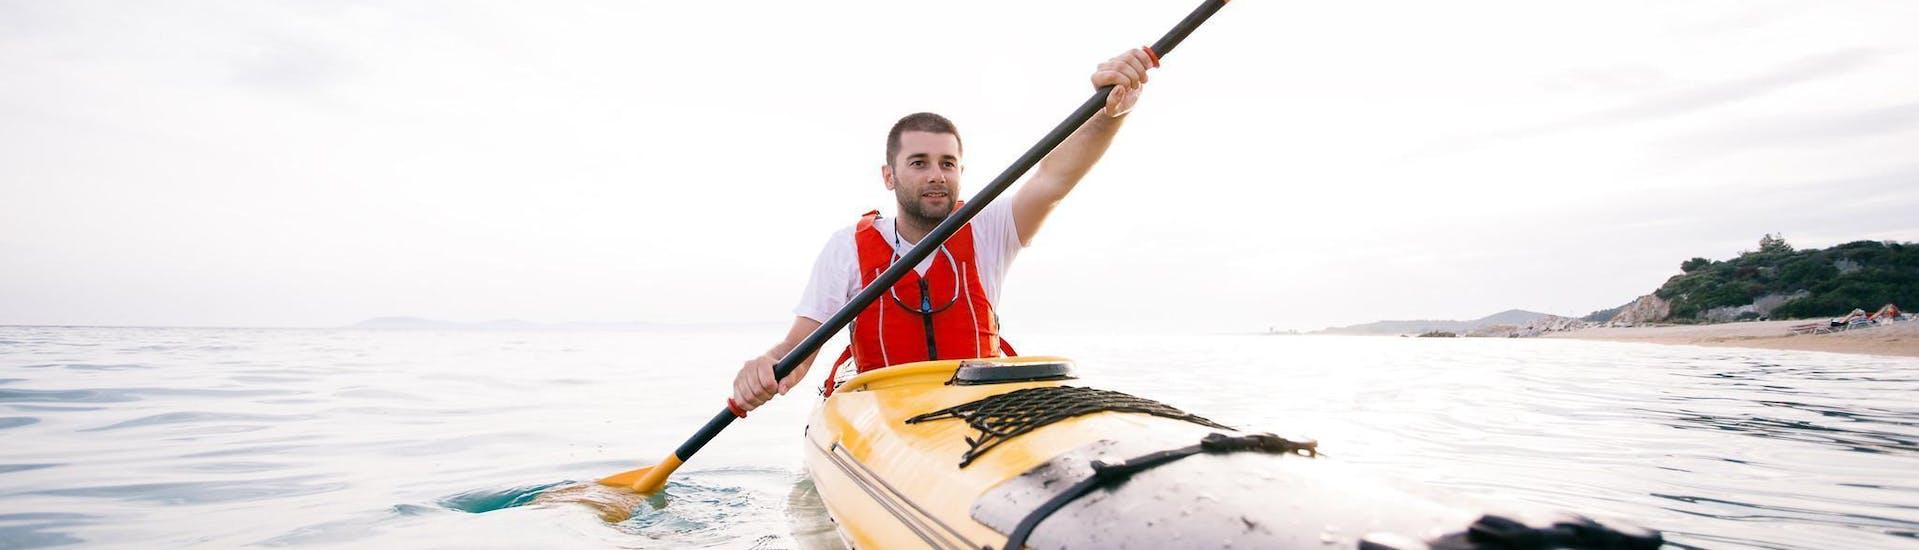 kayak-rental---javea-hero-2